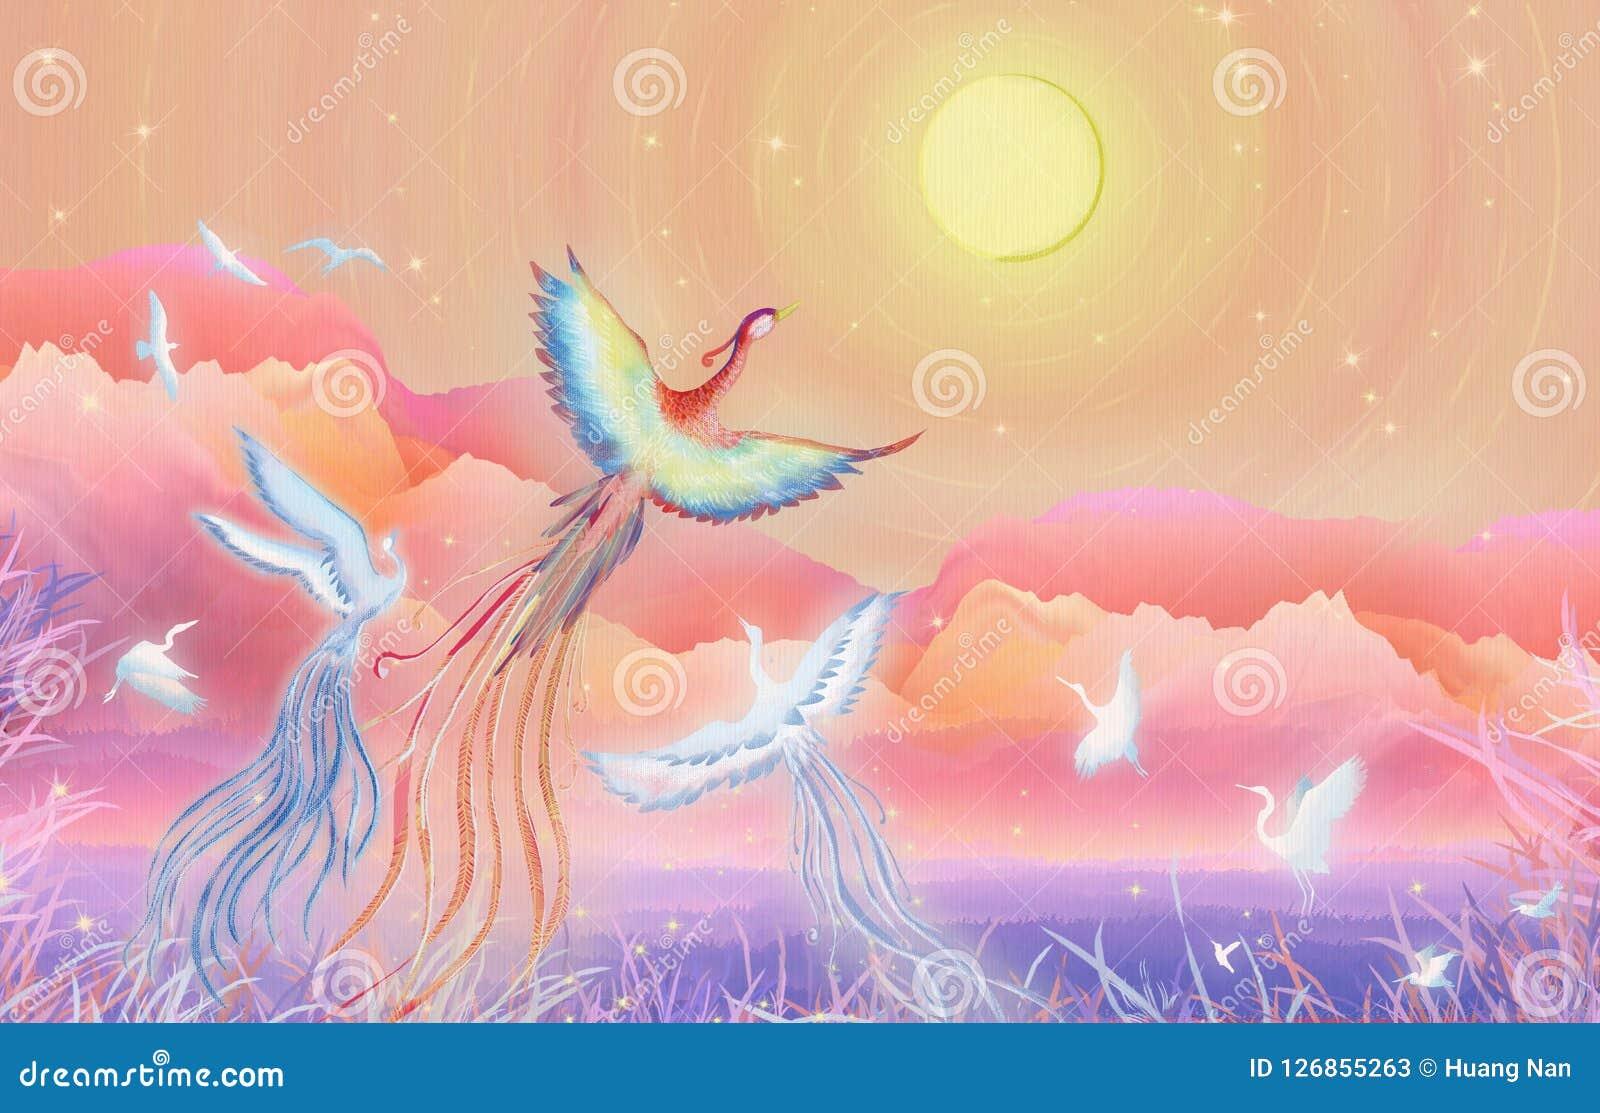 Mittherbstfestmond-Kuchenfestival, hundert Vögel in Richtung zum Phoenix blühen runde Illustrationsverpackung des guten Mondes